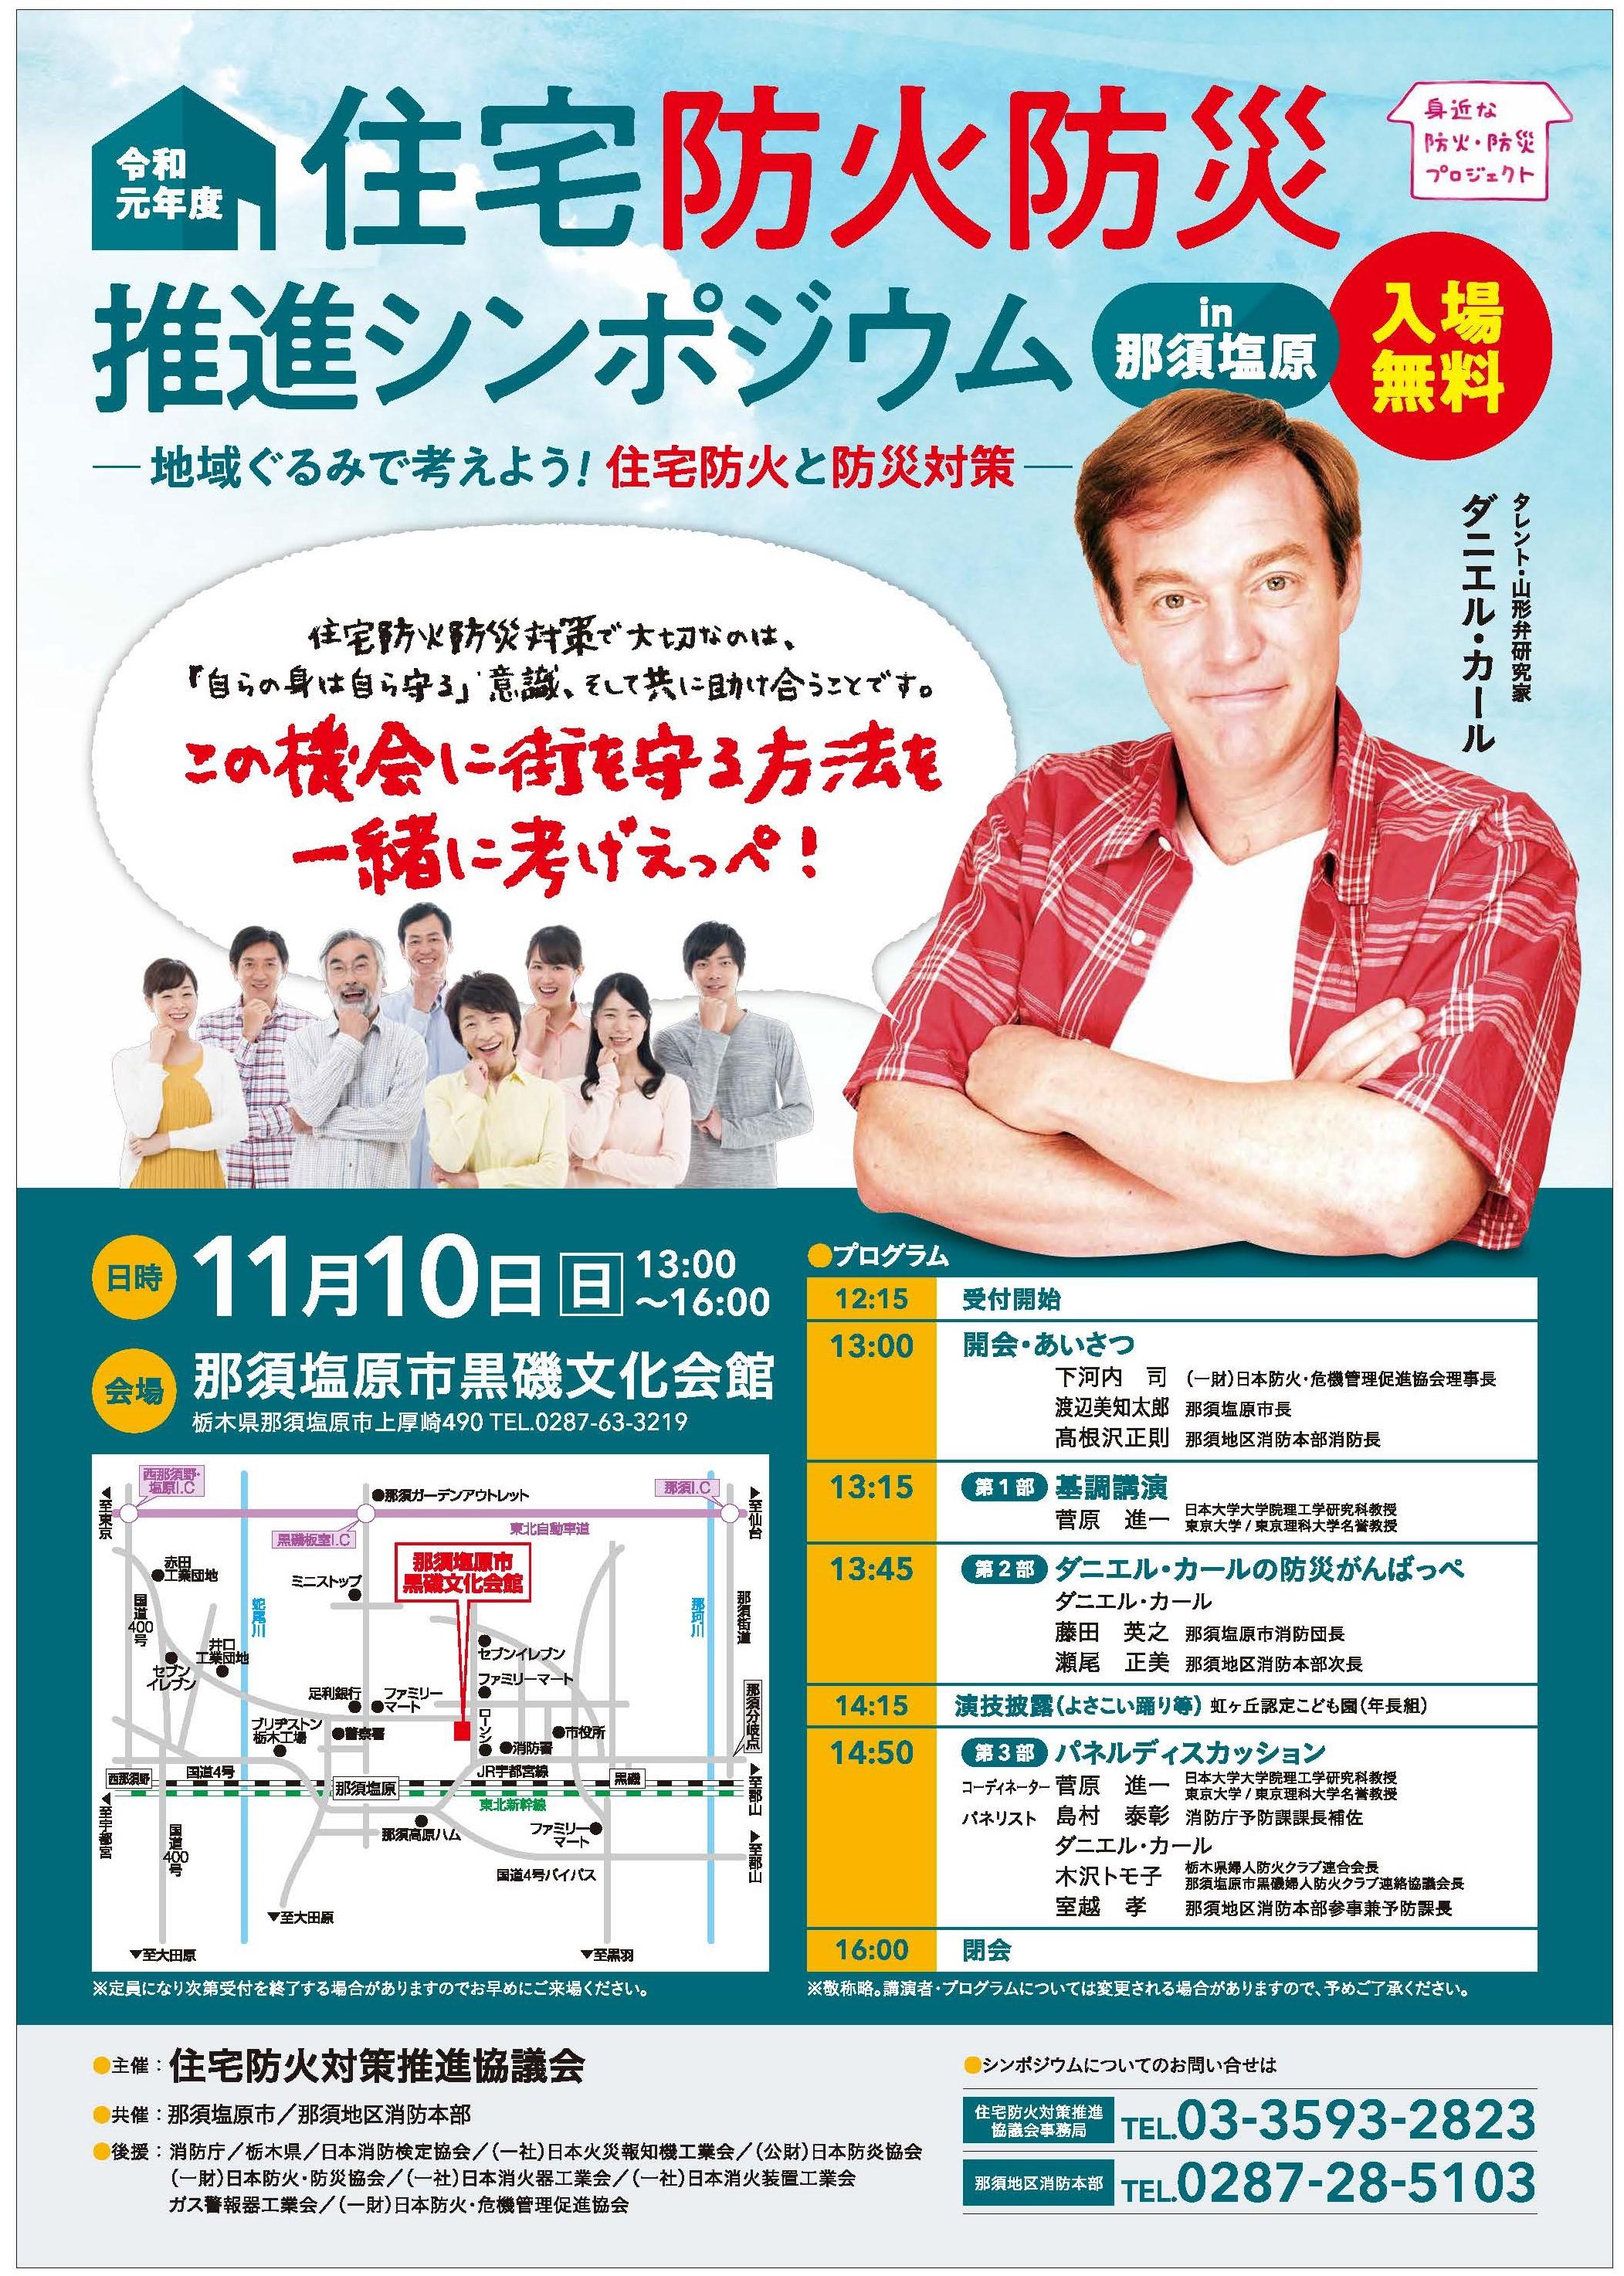 http://www.fire119-nasu.jp/wp-content/uploads/2019/10/チラシ_那須.jpg